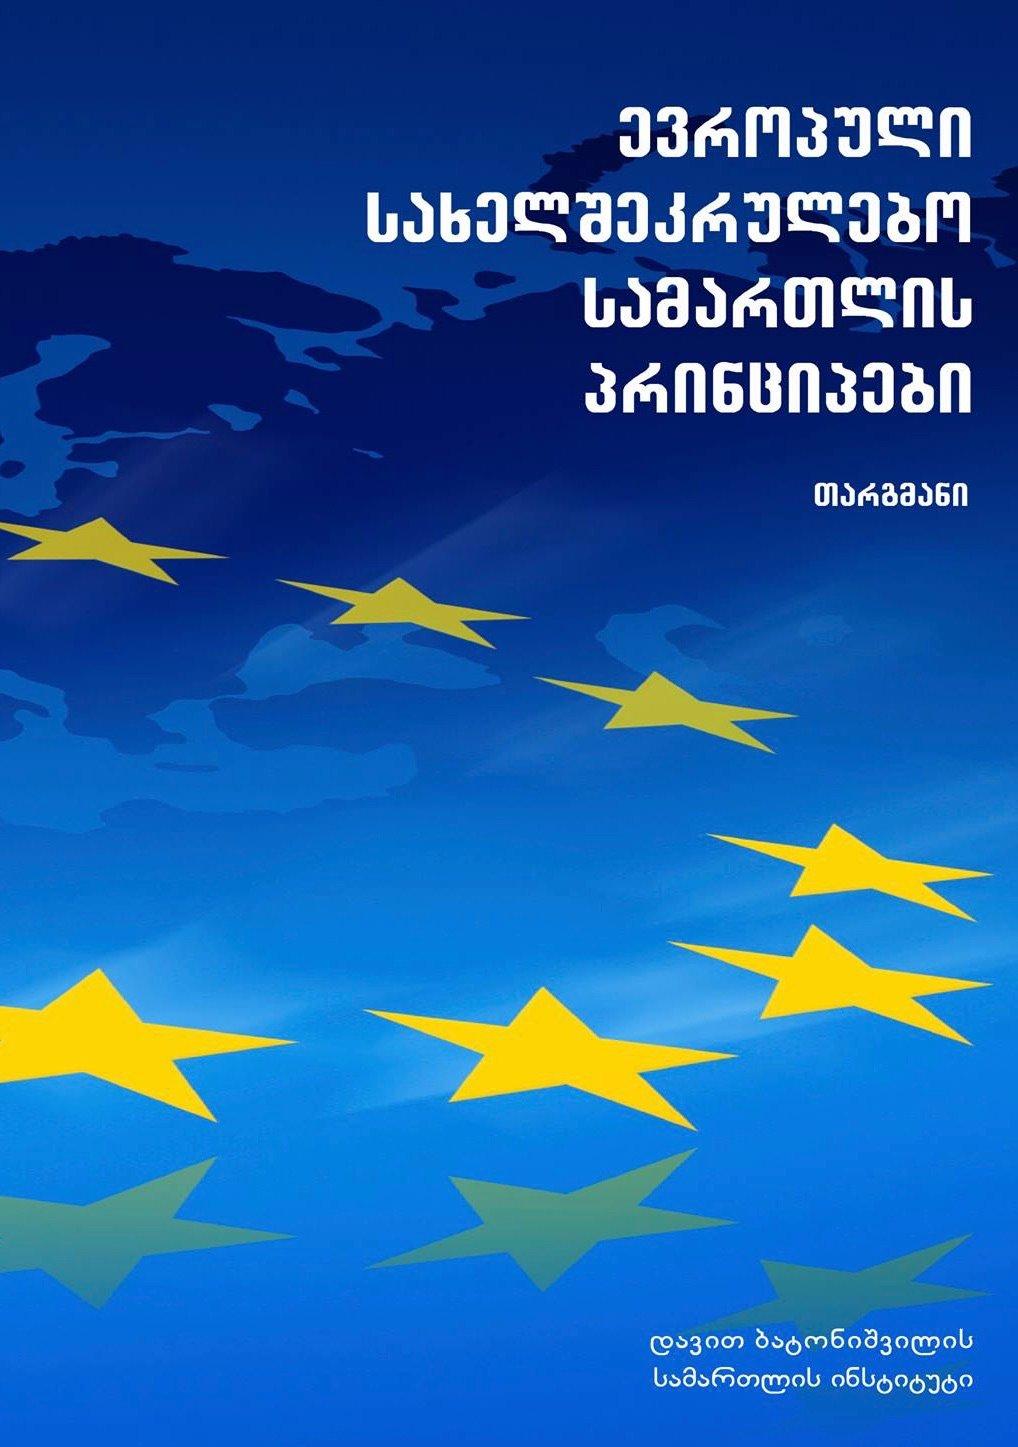 ევროპული სახელშეკრულებო სამართლის პრინციპები.